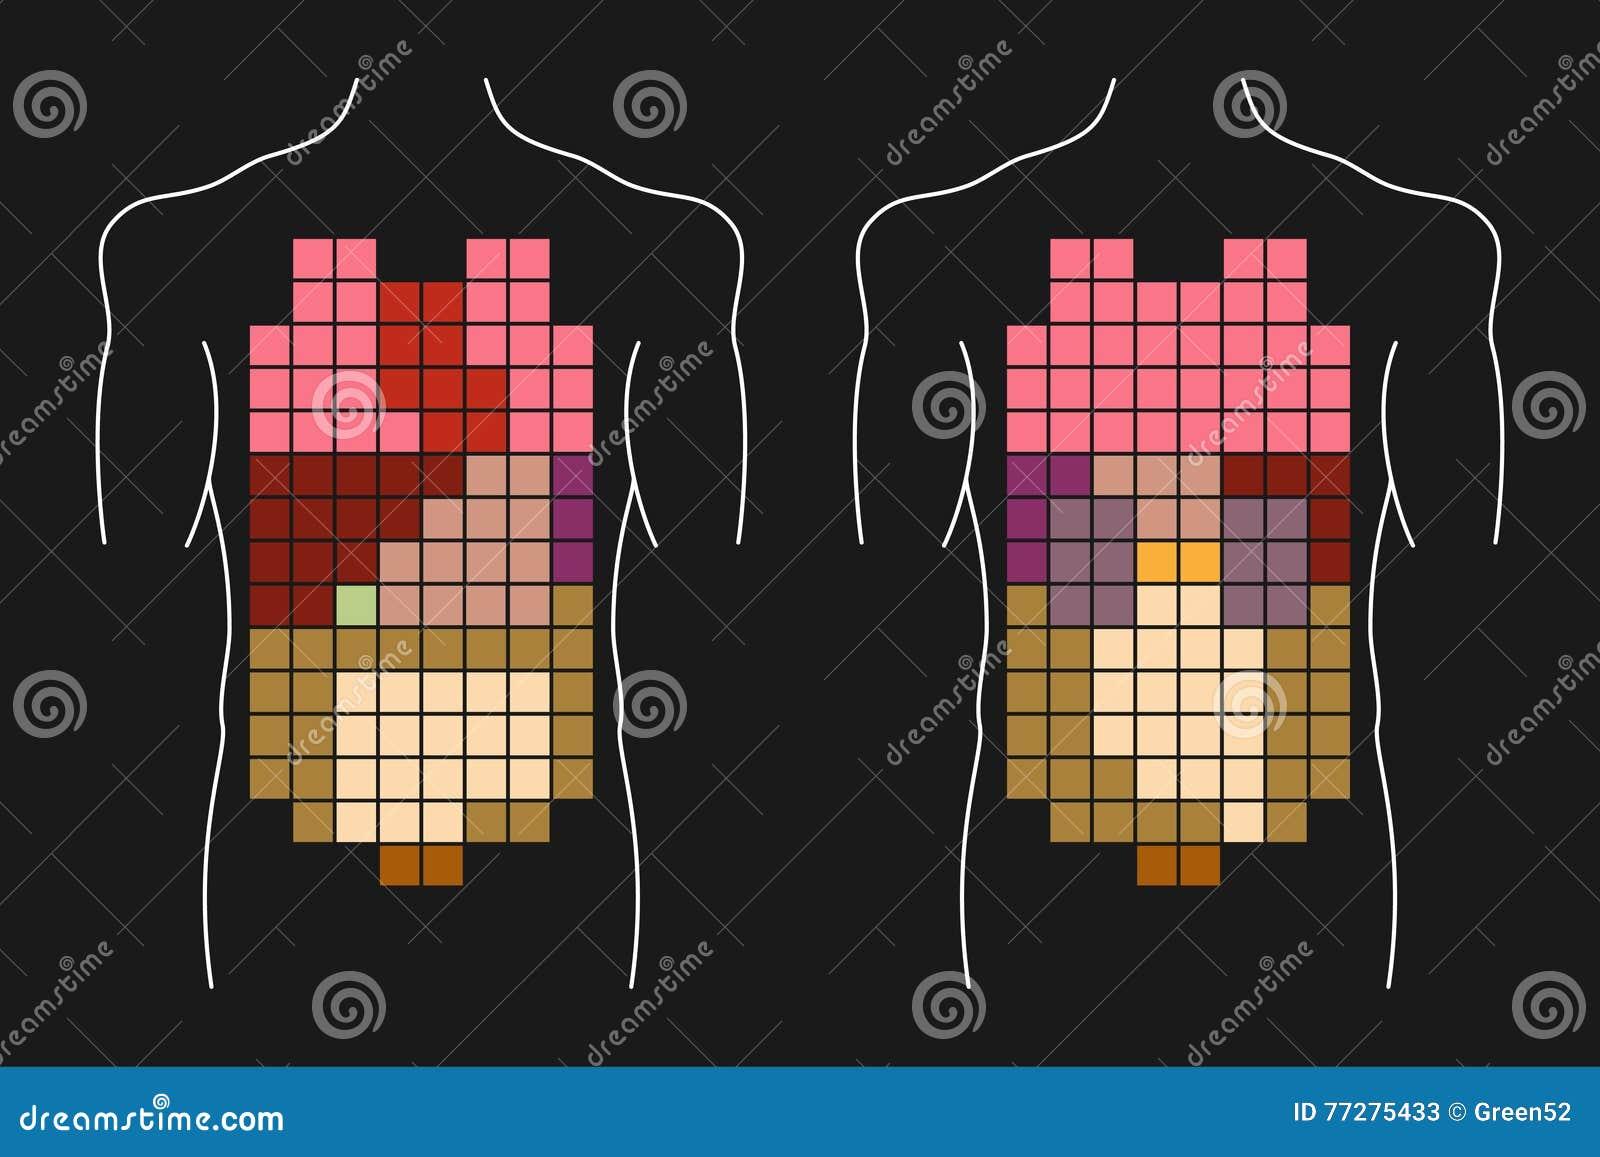 Human Body Internal Organs Stock Vector Illustration Of Internal